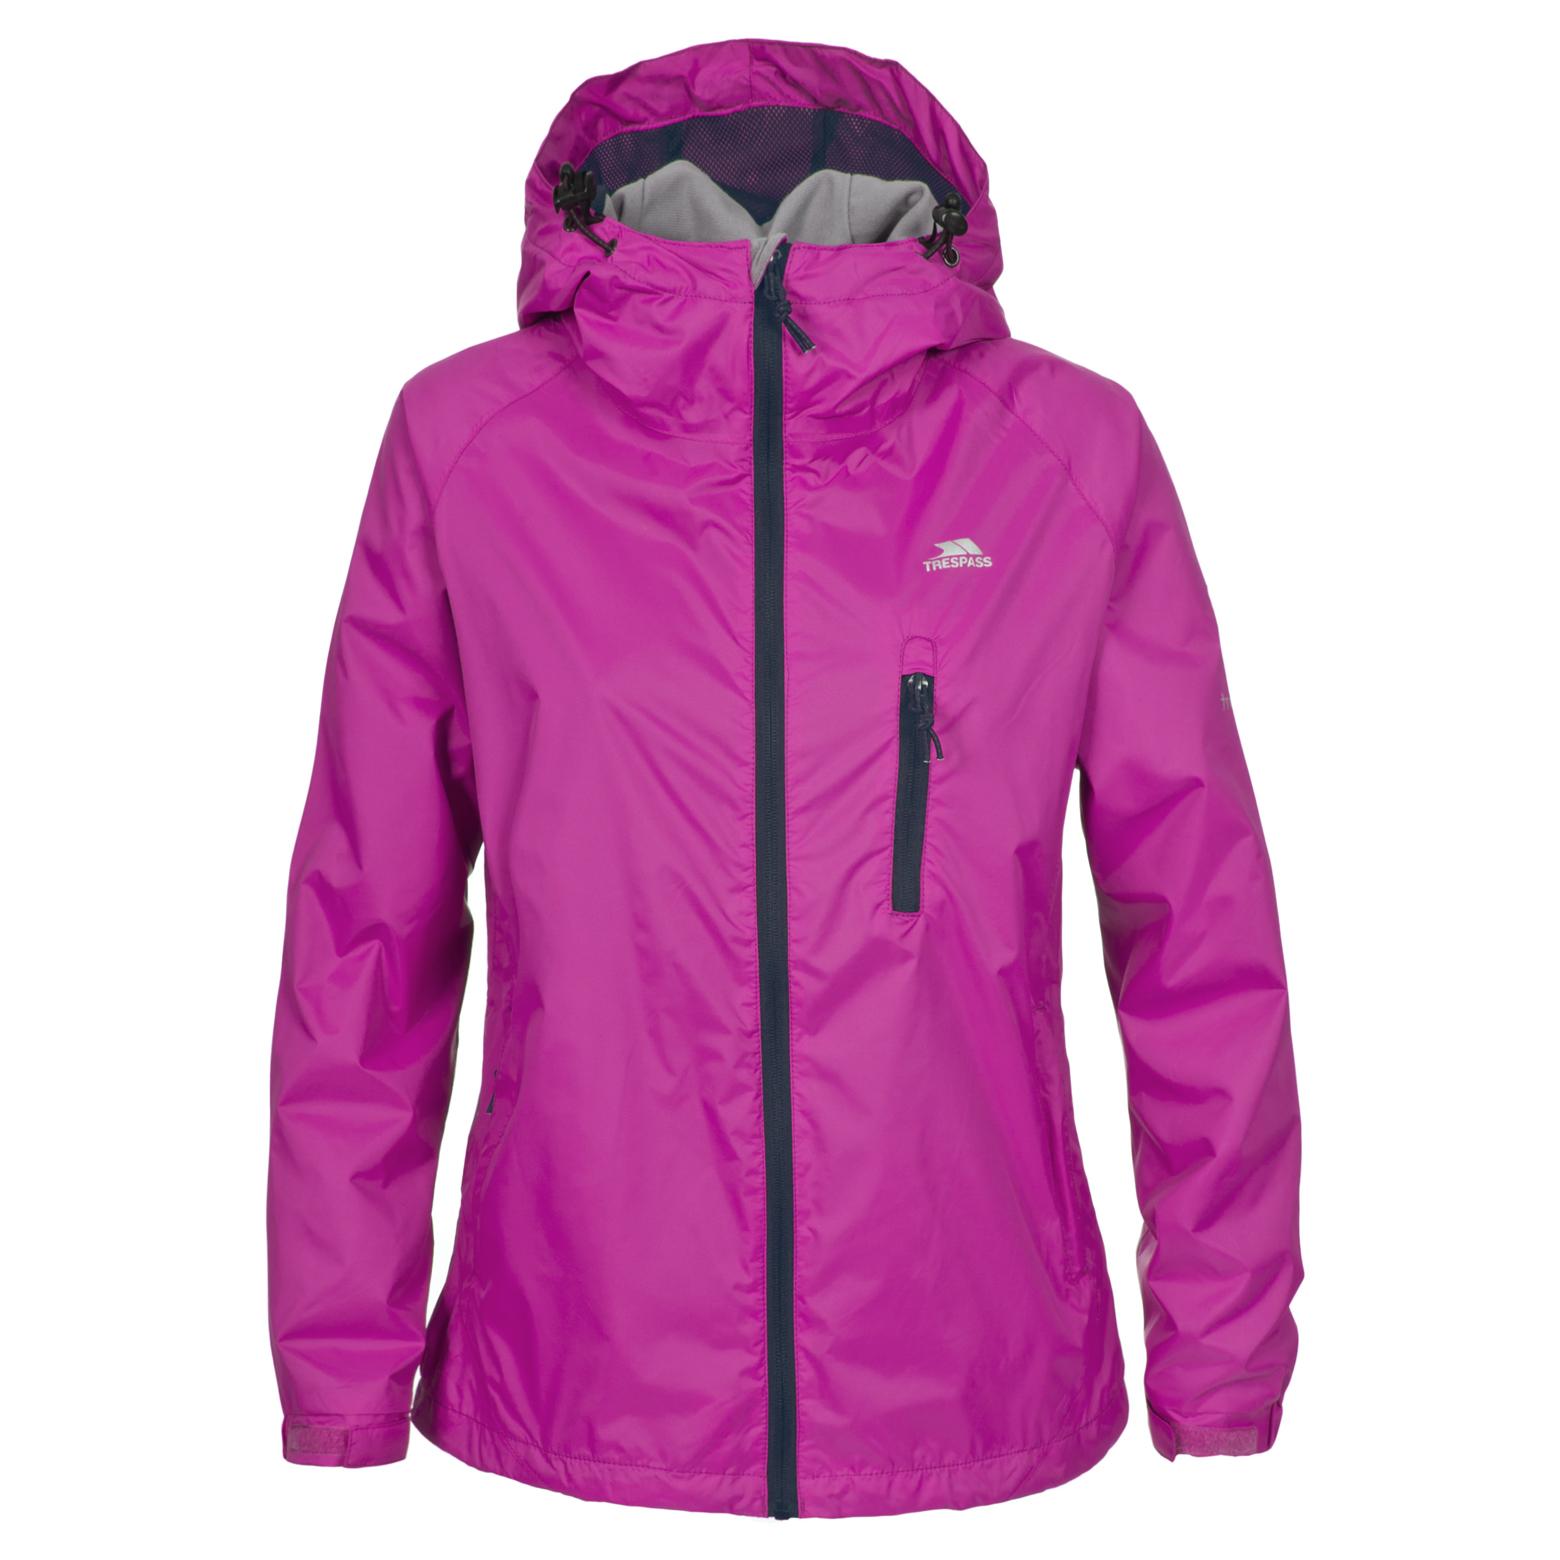 Trespass-TAYAH-impermeable-respirant-a-capuche-manteau-de-pluie-femmes